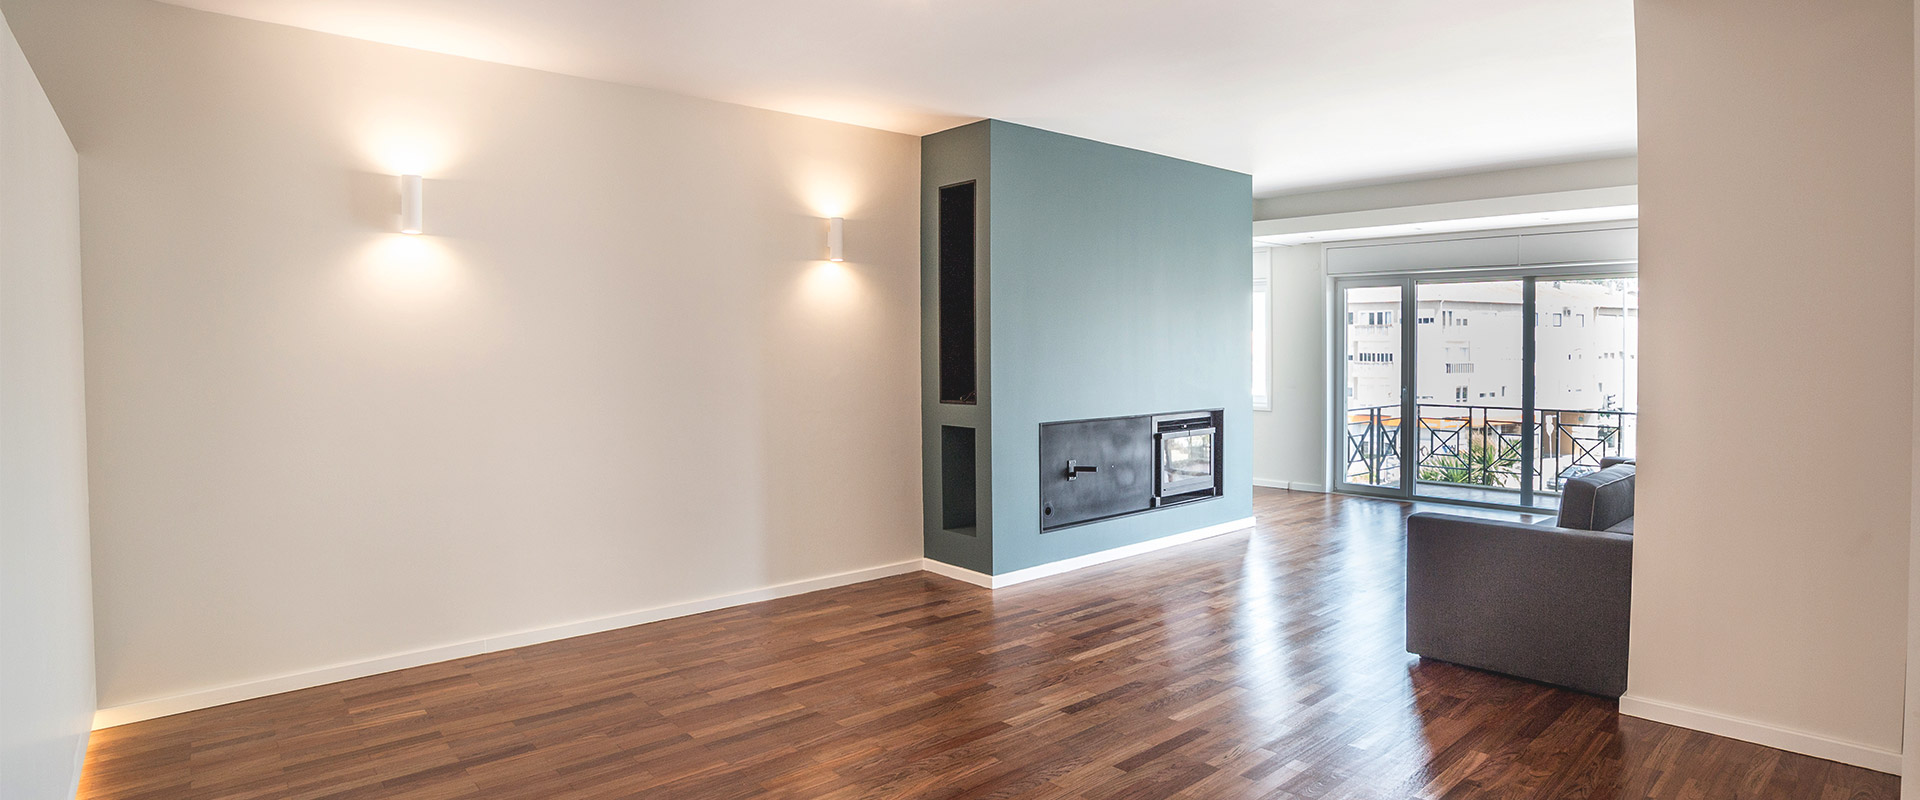 Sala- Remodelação de apartamento Poto